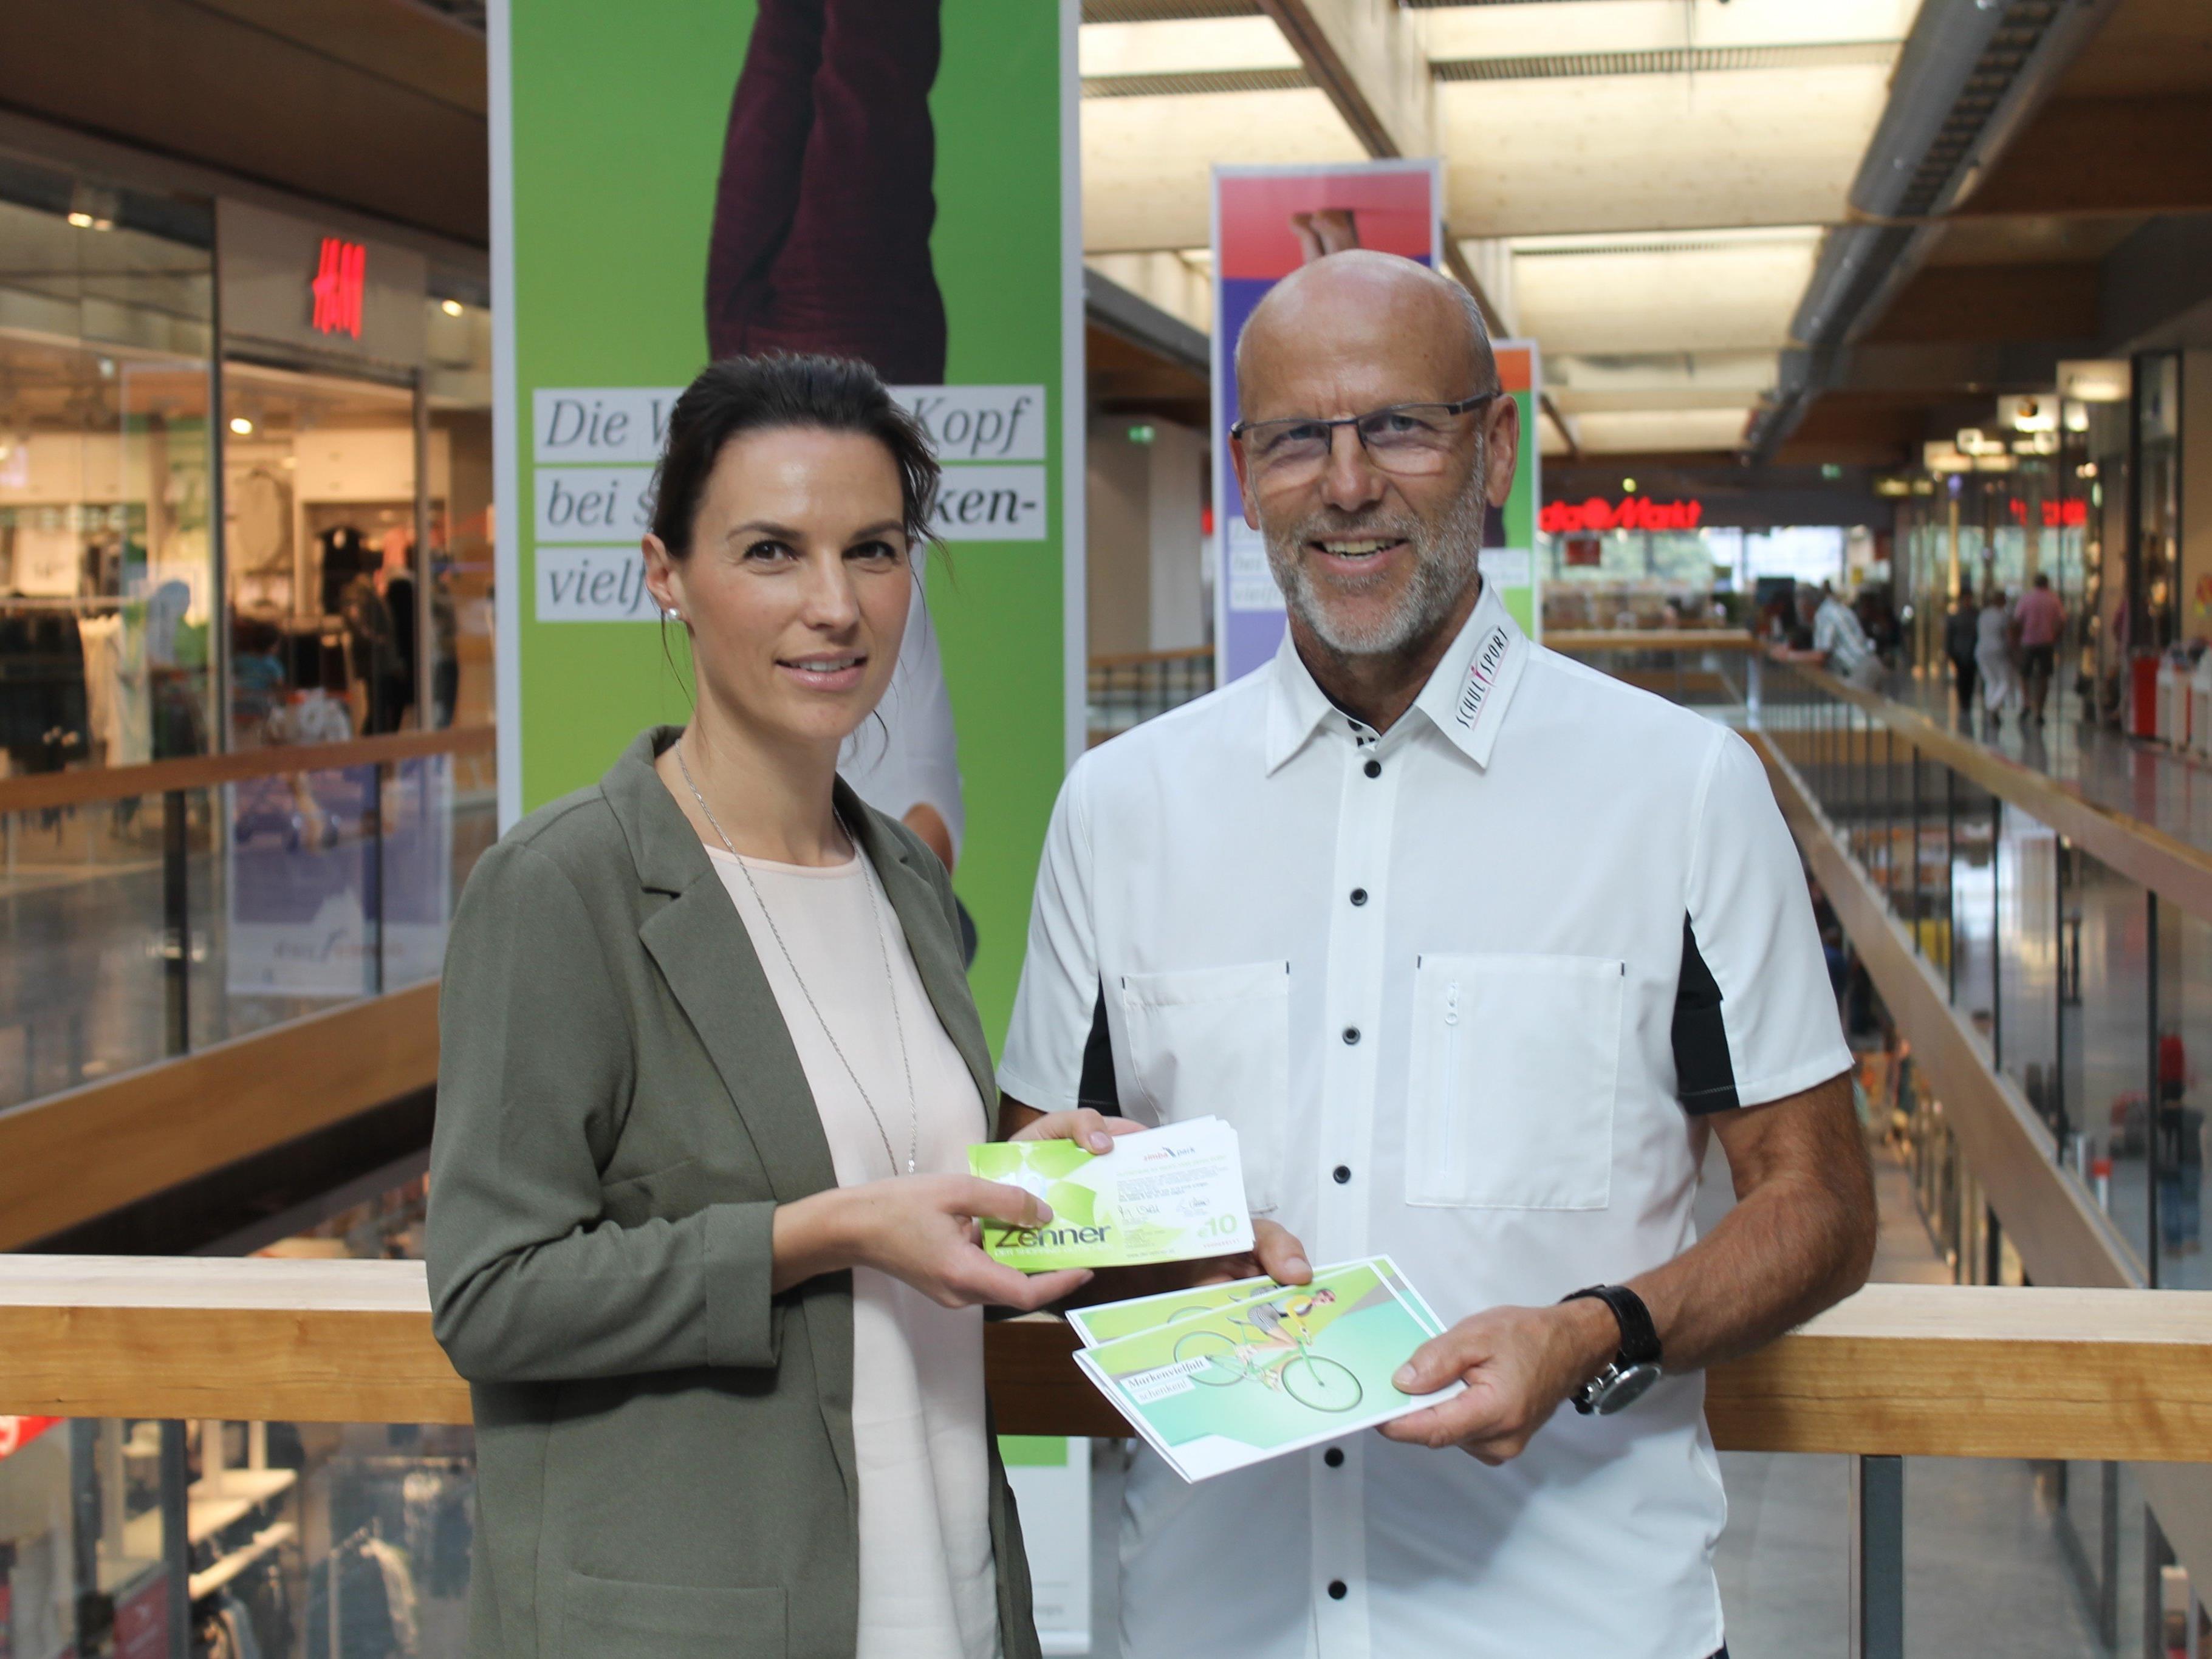 Zimbapark Marketing Managerin Kathrin Mair und Conny Berchtold freuen sich über die Partnerschaft im Sponsorbereich